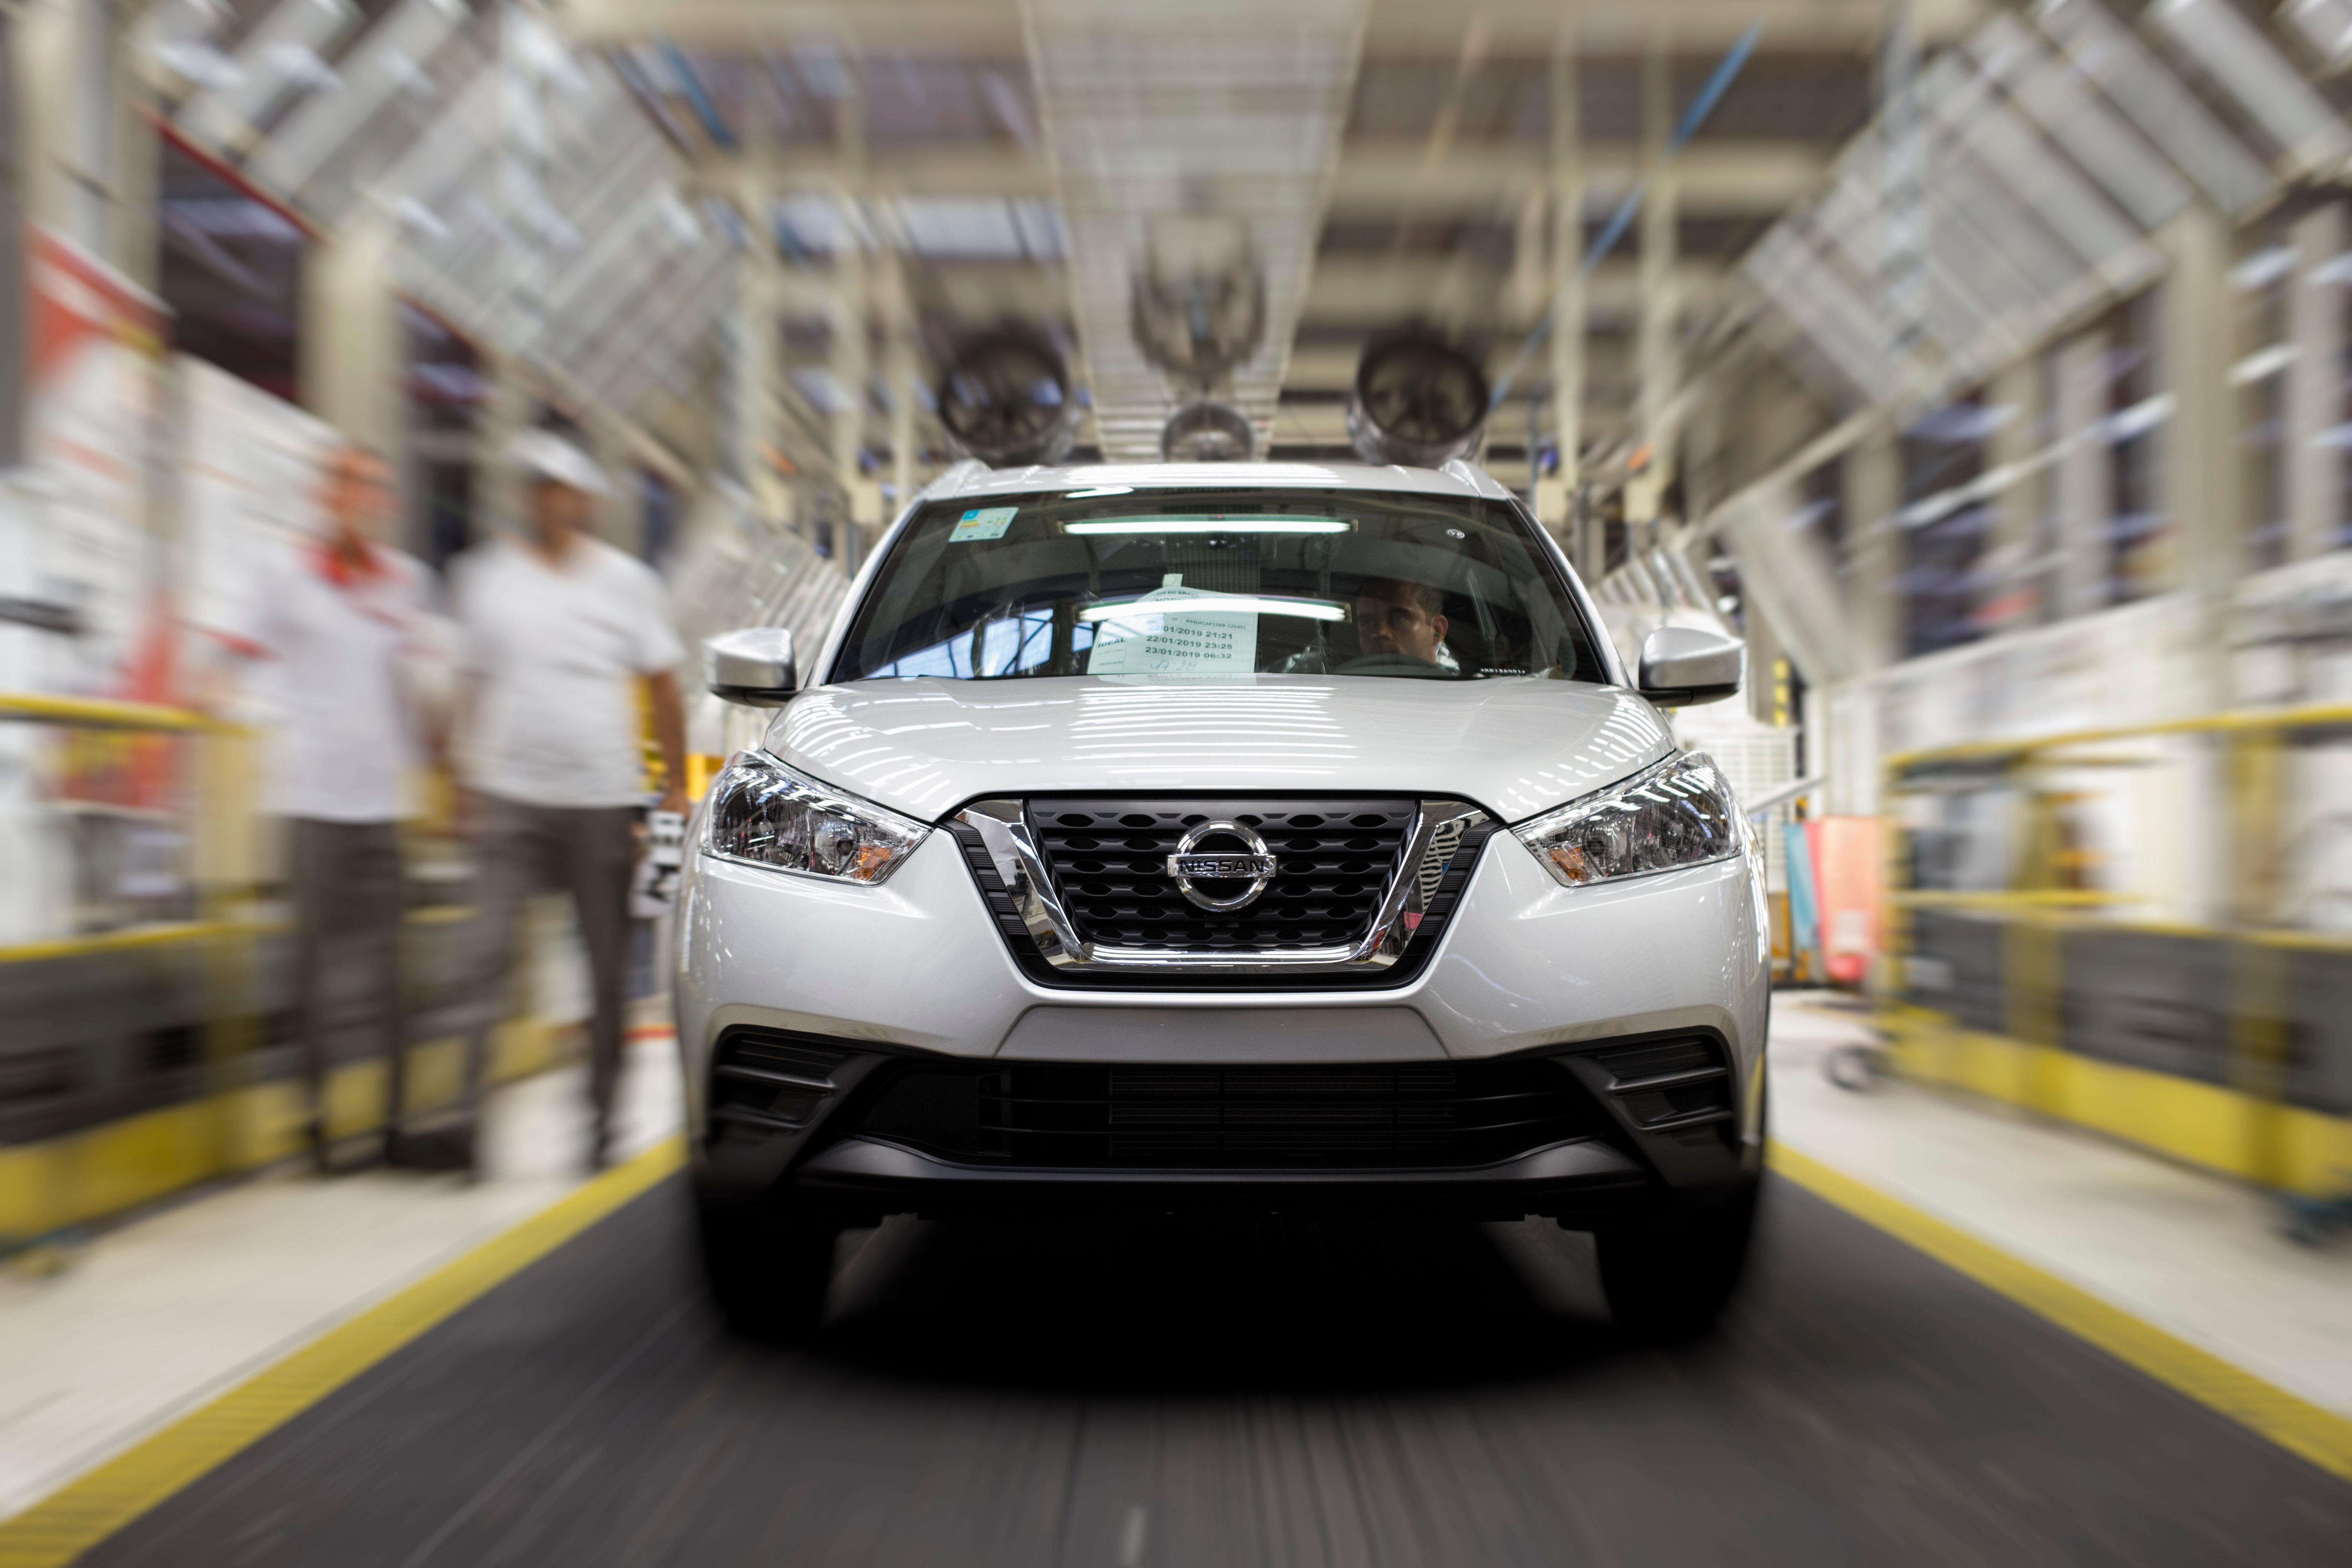 Fábrica da Nissan no Brasil chega a 300 mil unidades produzidas dos modelos Kicks, March e Versa